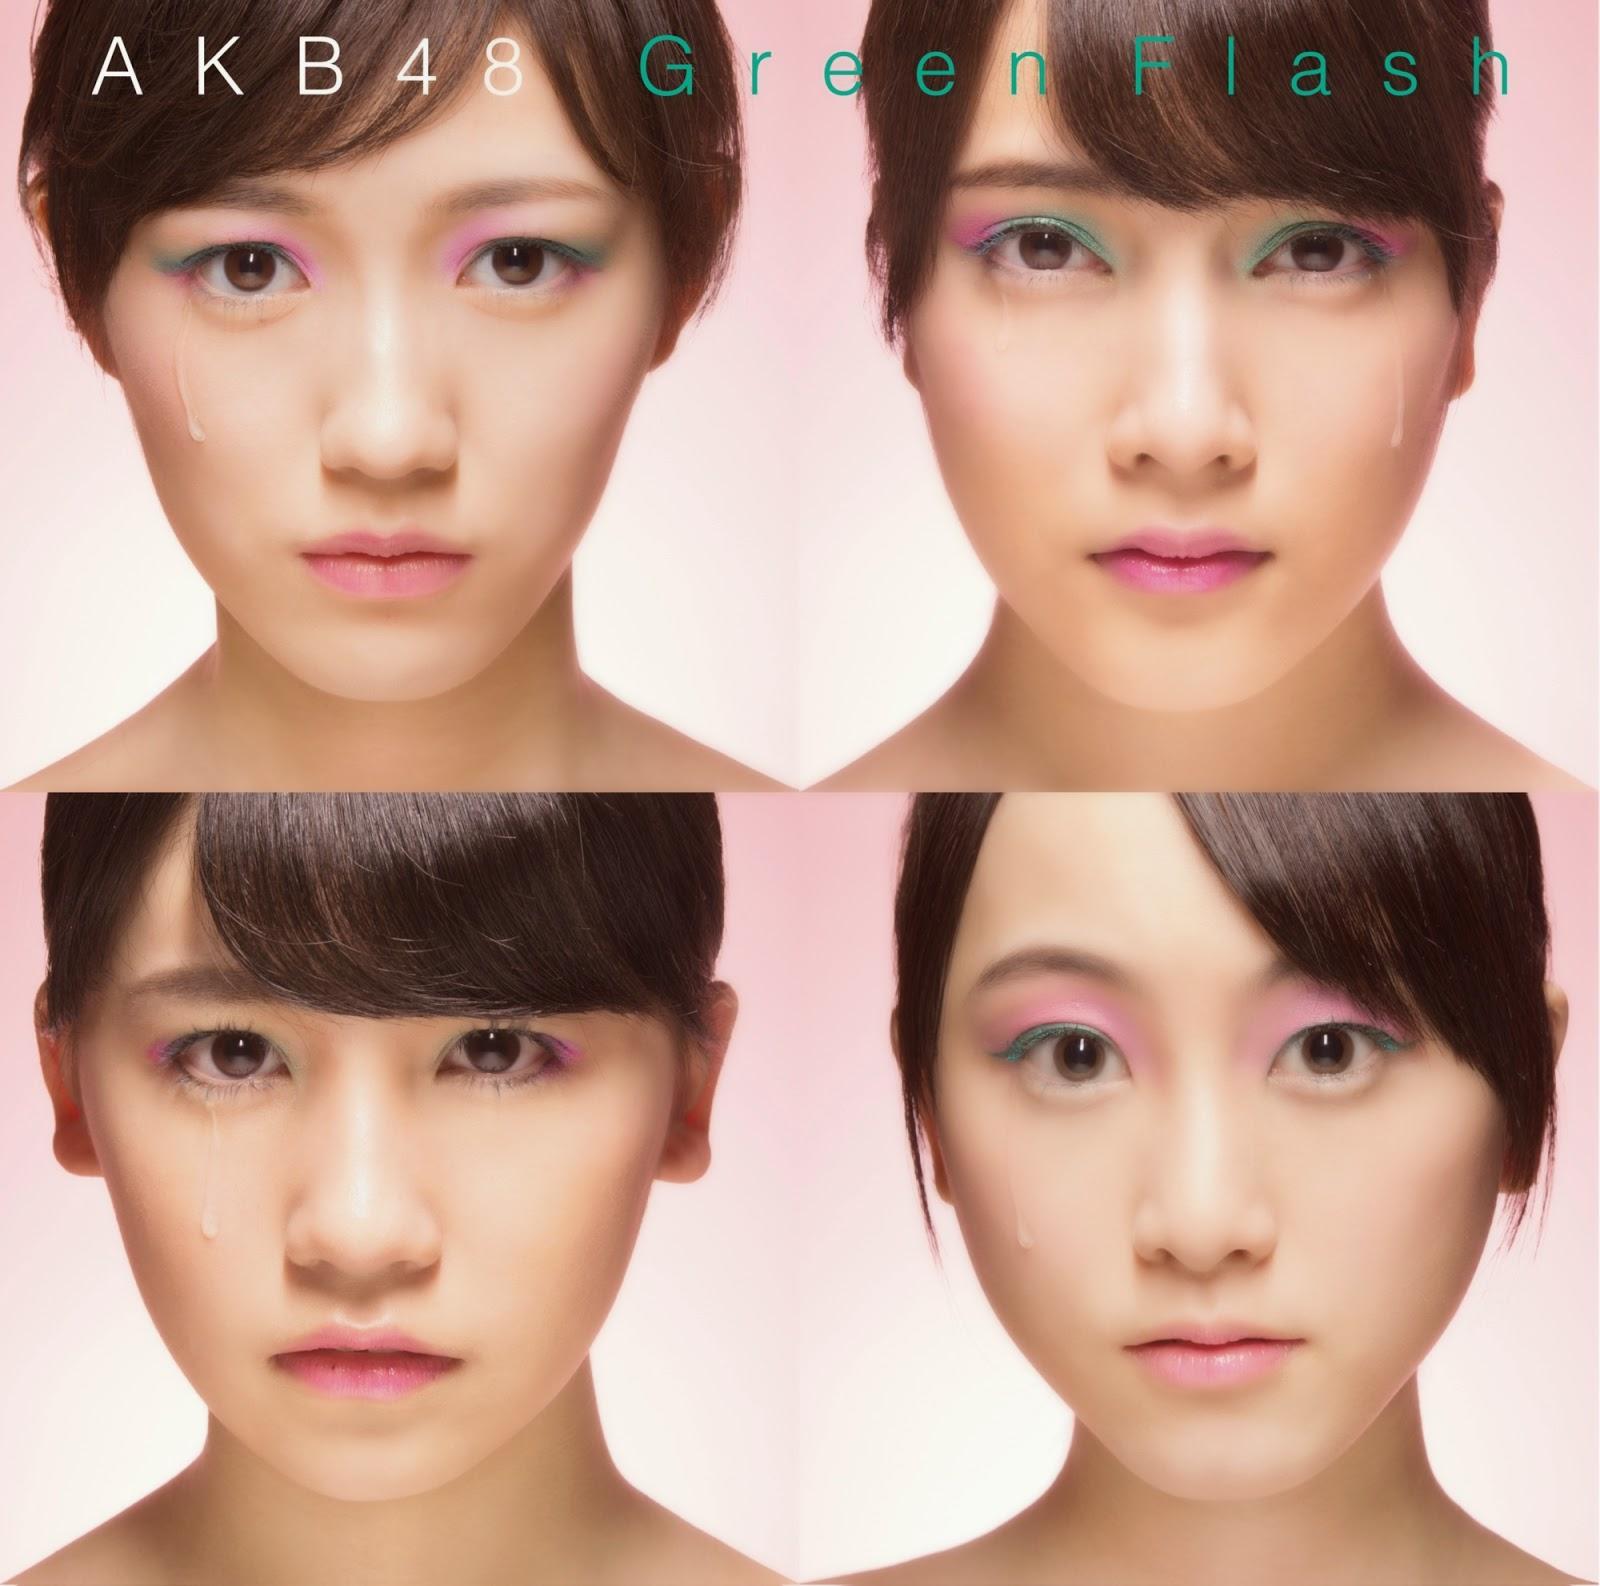 AKB48 Green Flash ジャケット ... AKB48 Green Flash ジャ